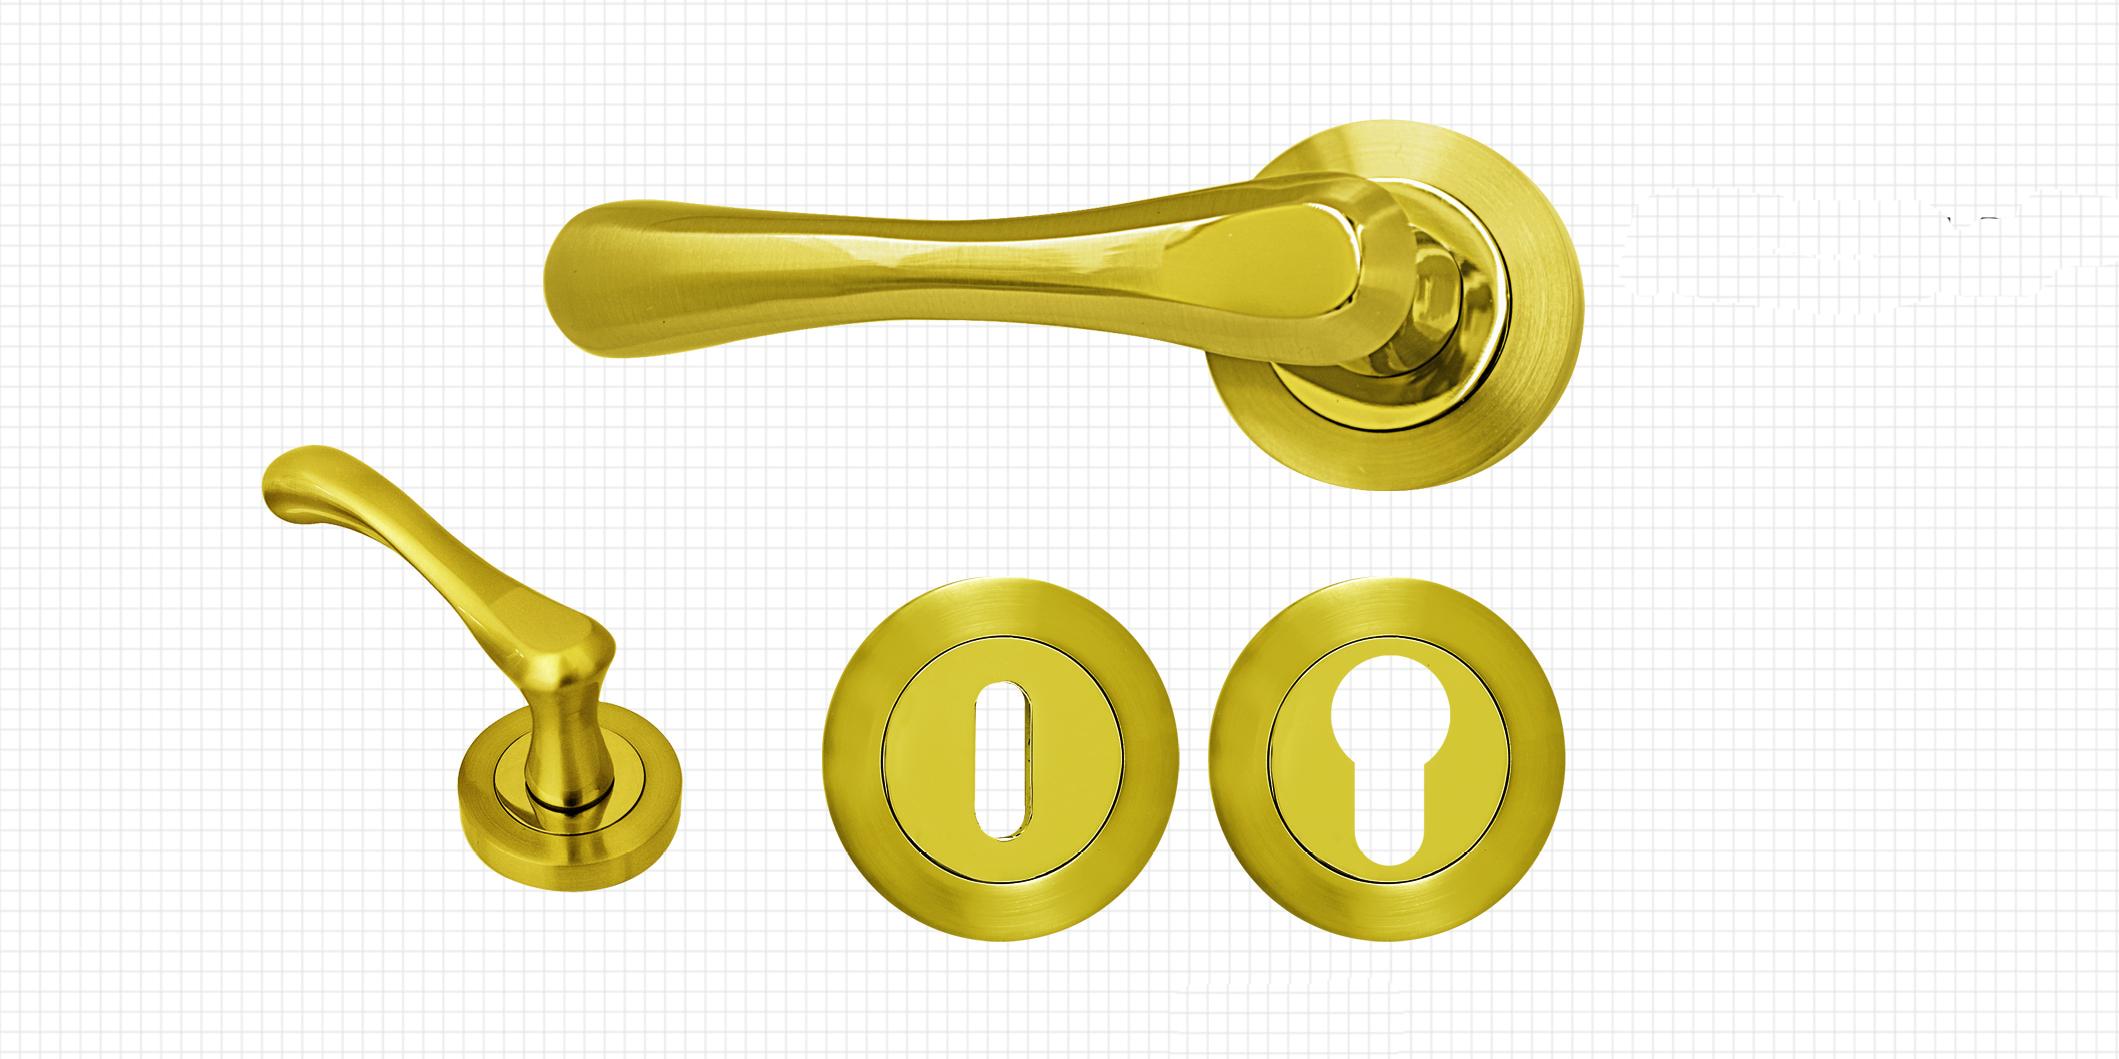 60018 ΧΡΥΣΟ ΜΑΤ - ΧΡΥΣΟ